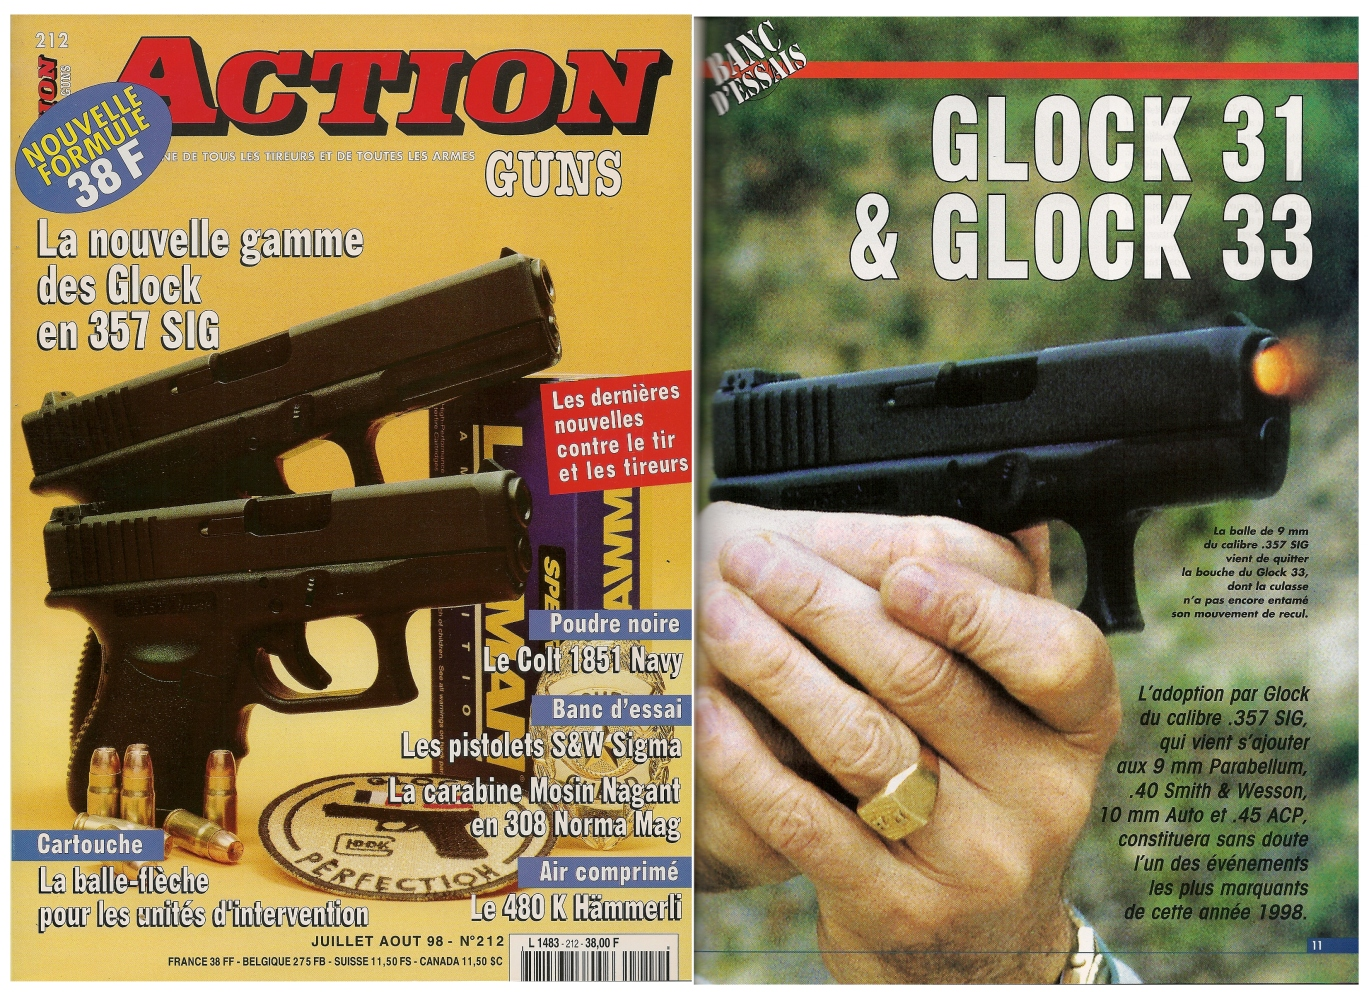 Le banc d'essai des pistolets Glock modèles 31 et 33 a été publié sur 6 pages dans le magazine Action Guns n°212 (juillet-août 1998).